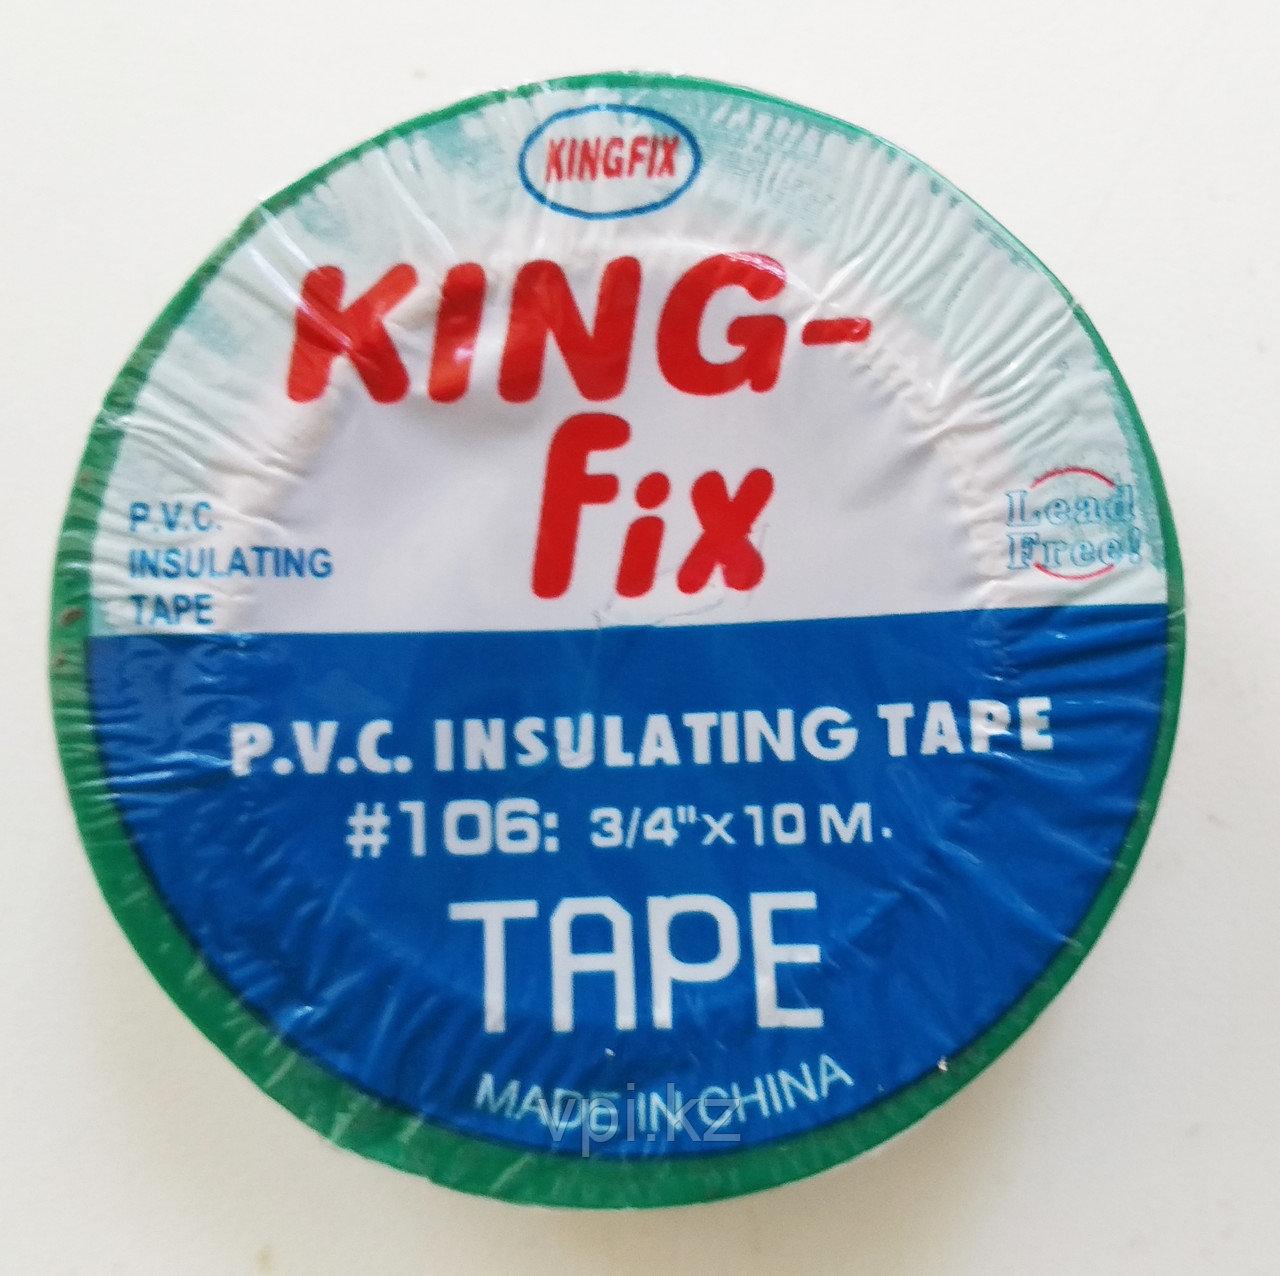 Изолента ПВХ, зеленая, 10м.  KING-FIX